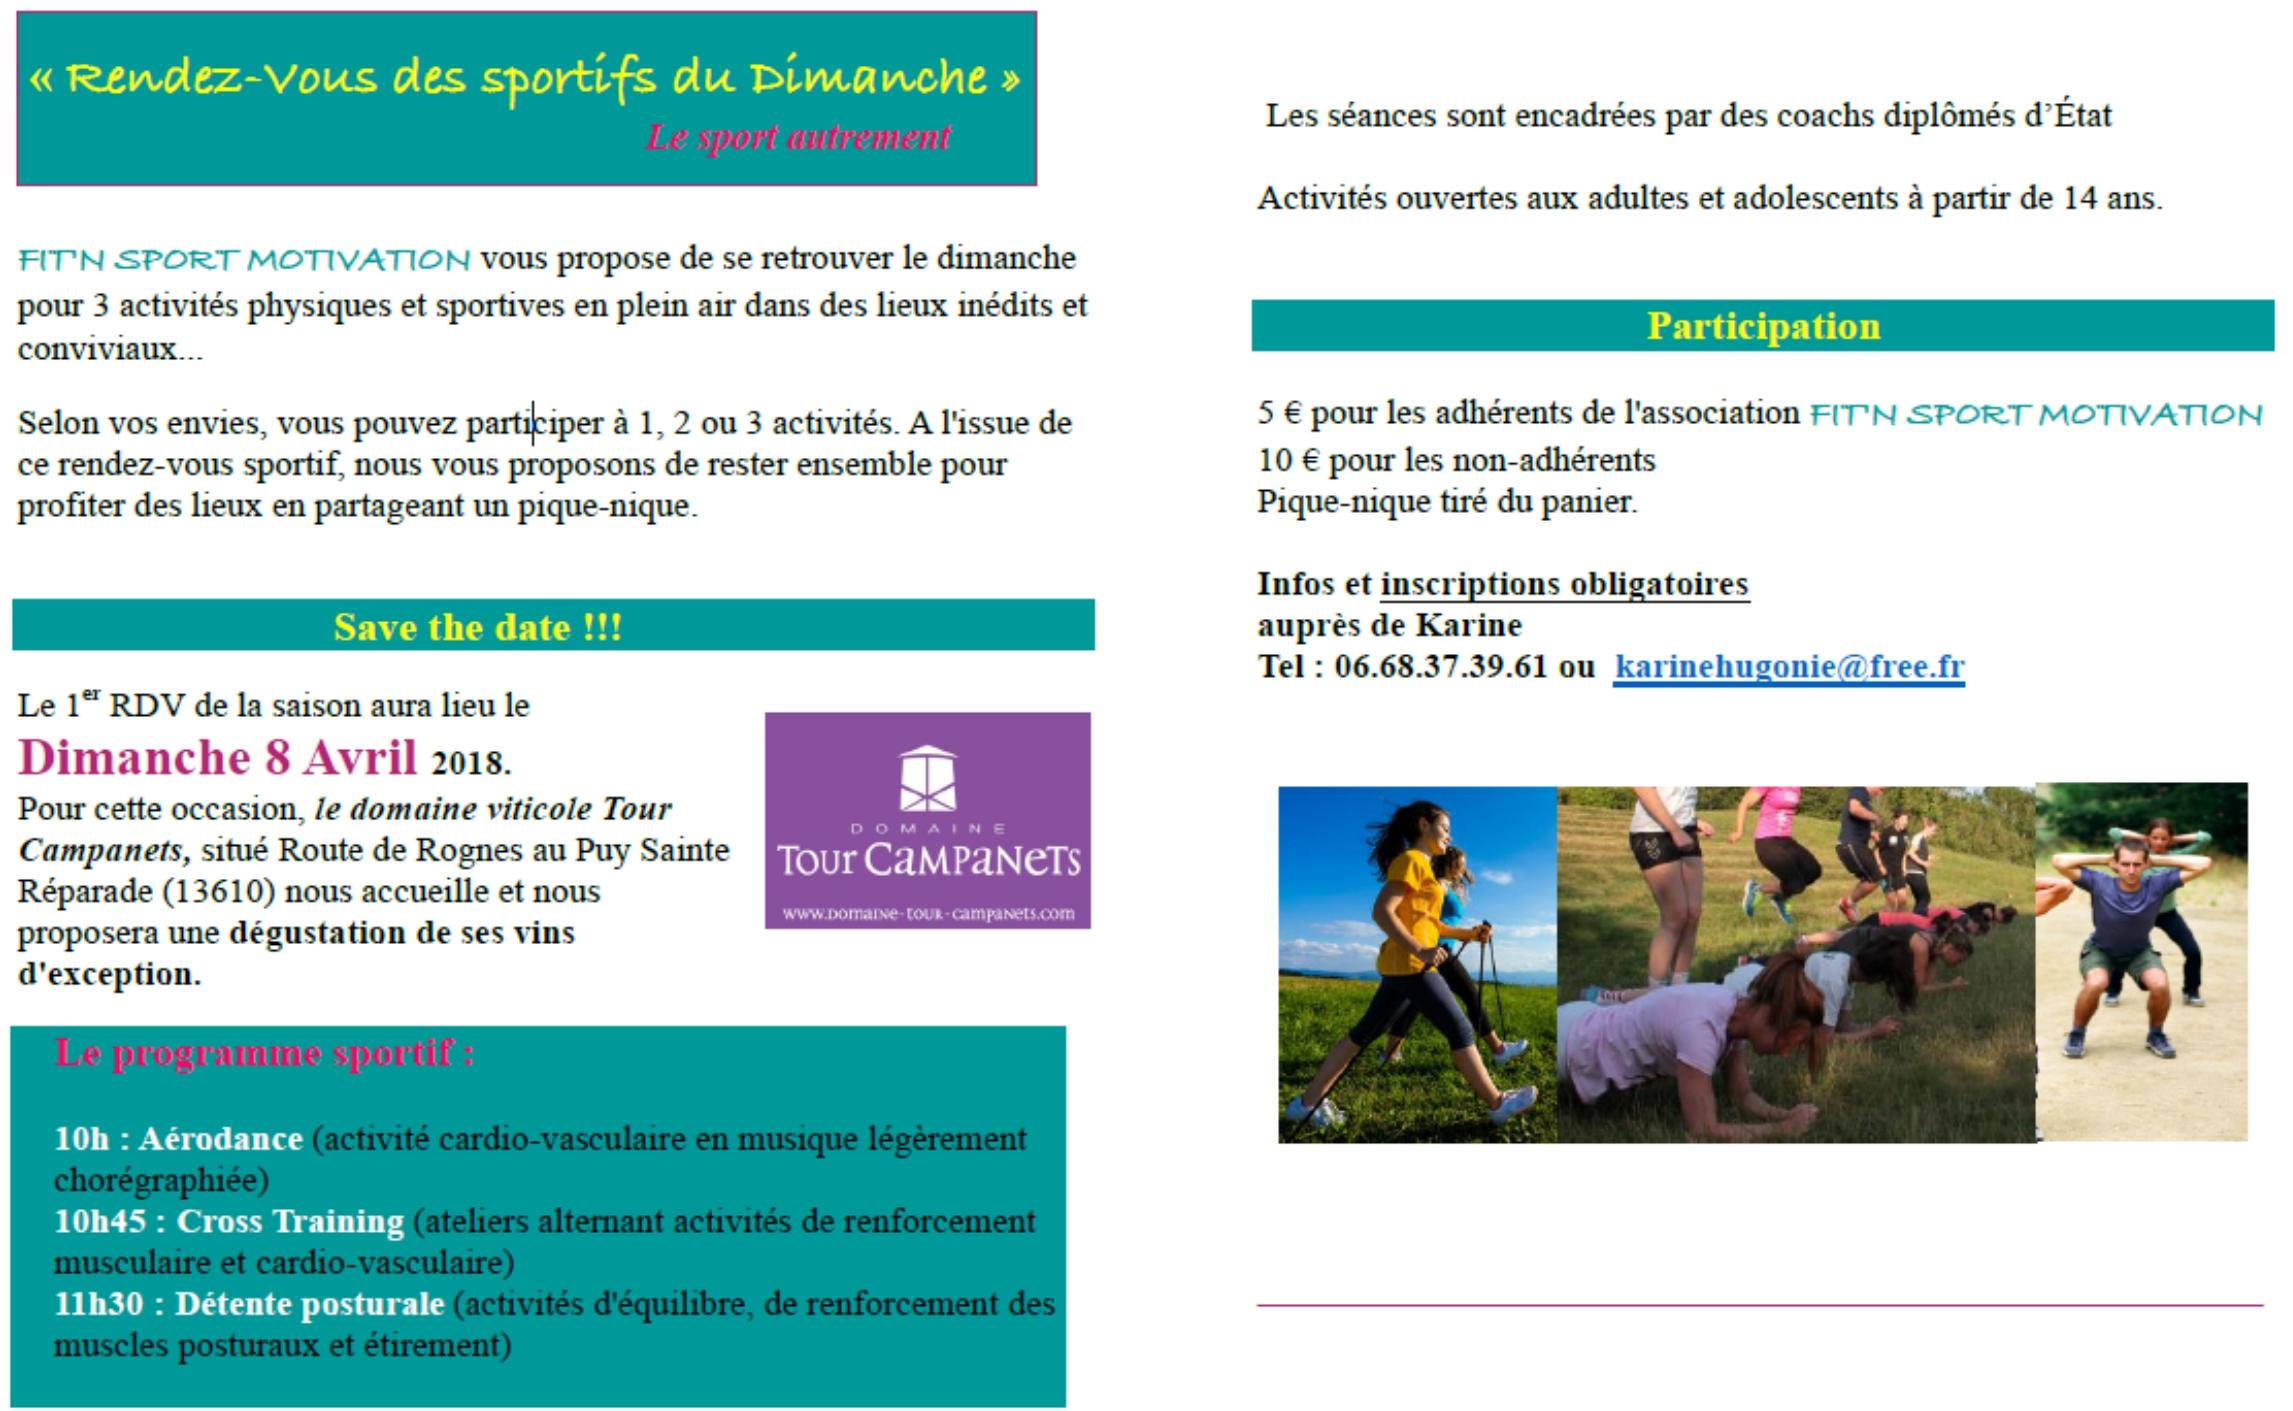 """1er """"RdV sportif du Dimanche """" organisé par Fit'n Sport Motivation le 8 avril au Domaine Tour Campanets"""